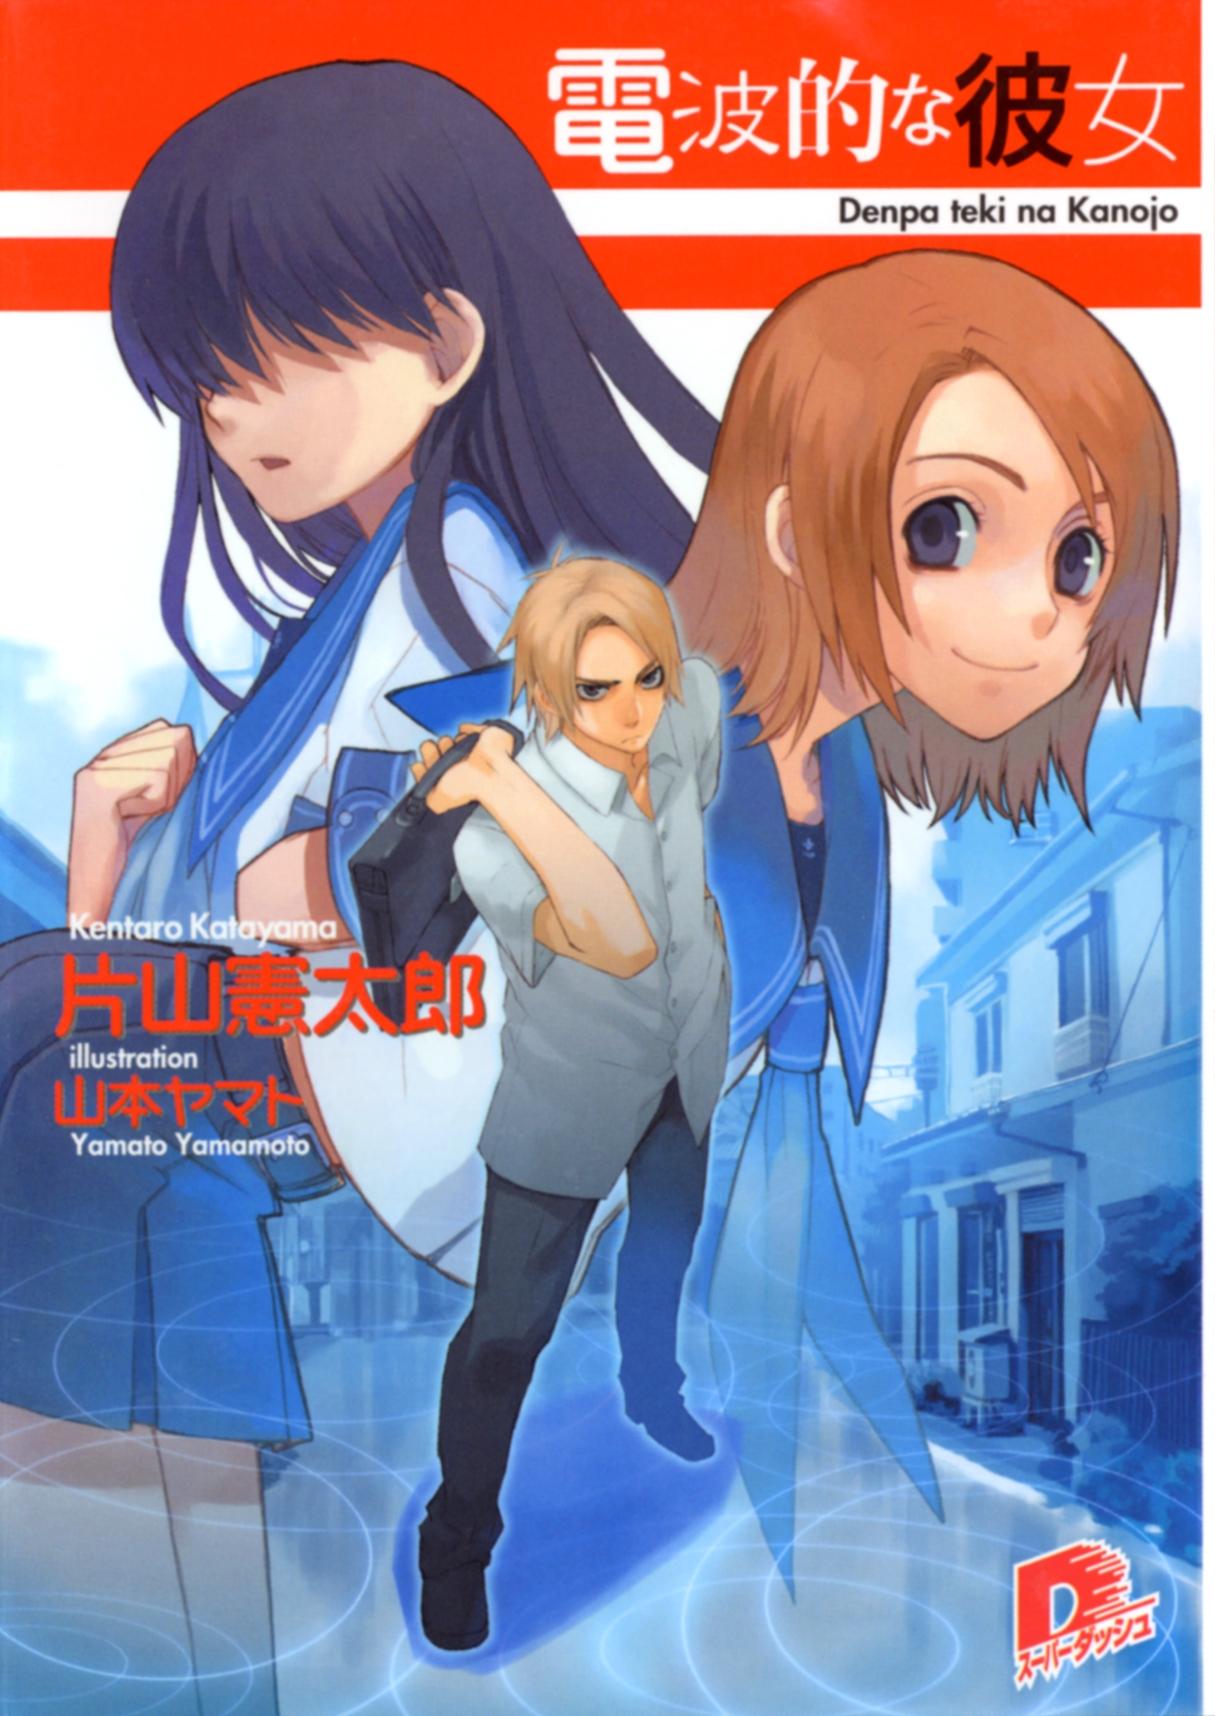 Kentarō Katayamas Denpa teki na Kanojo romaner laves til manga